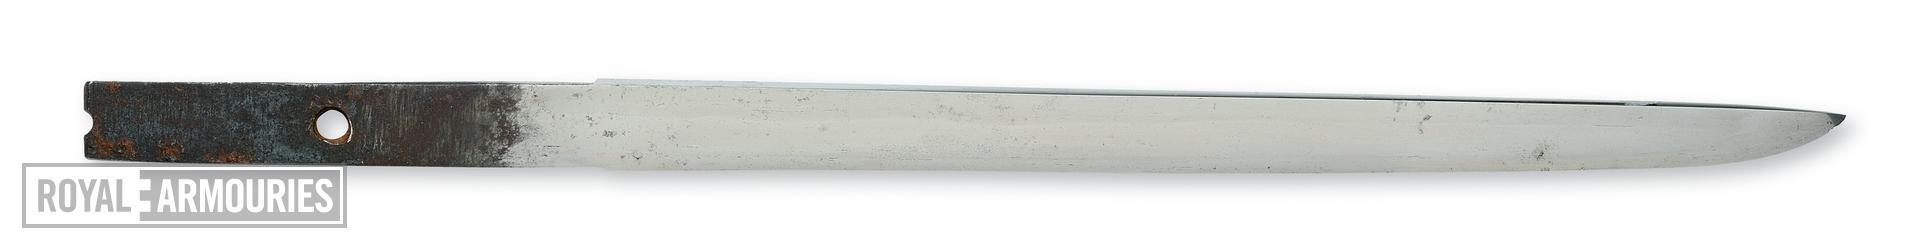 Dagger (aikuchi)